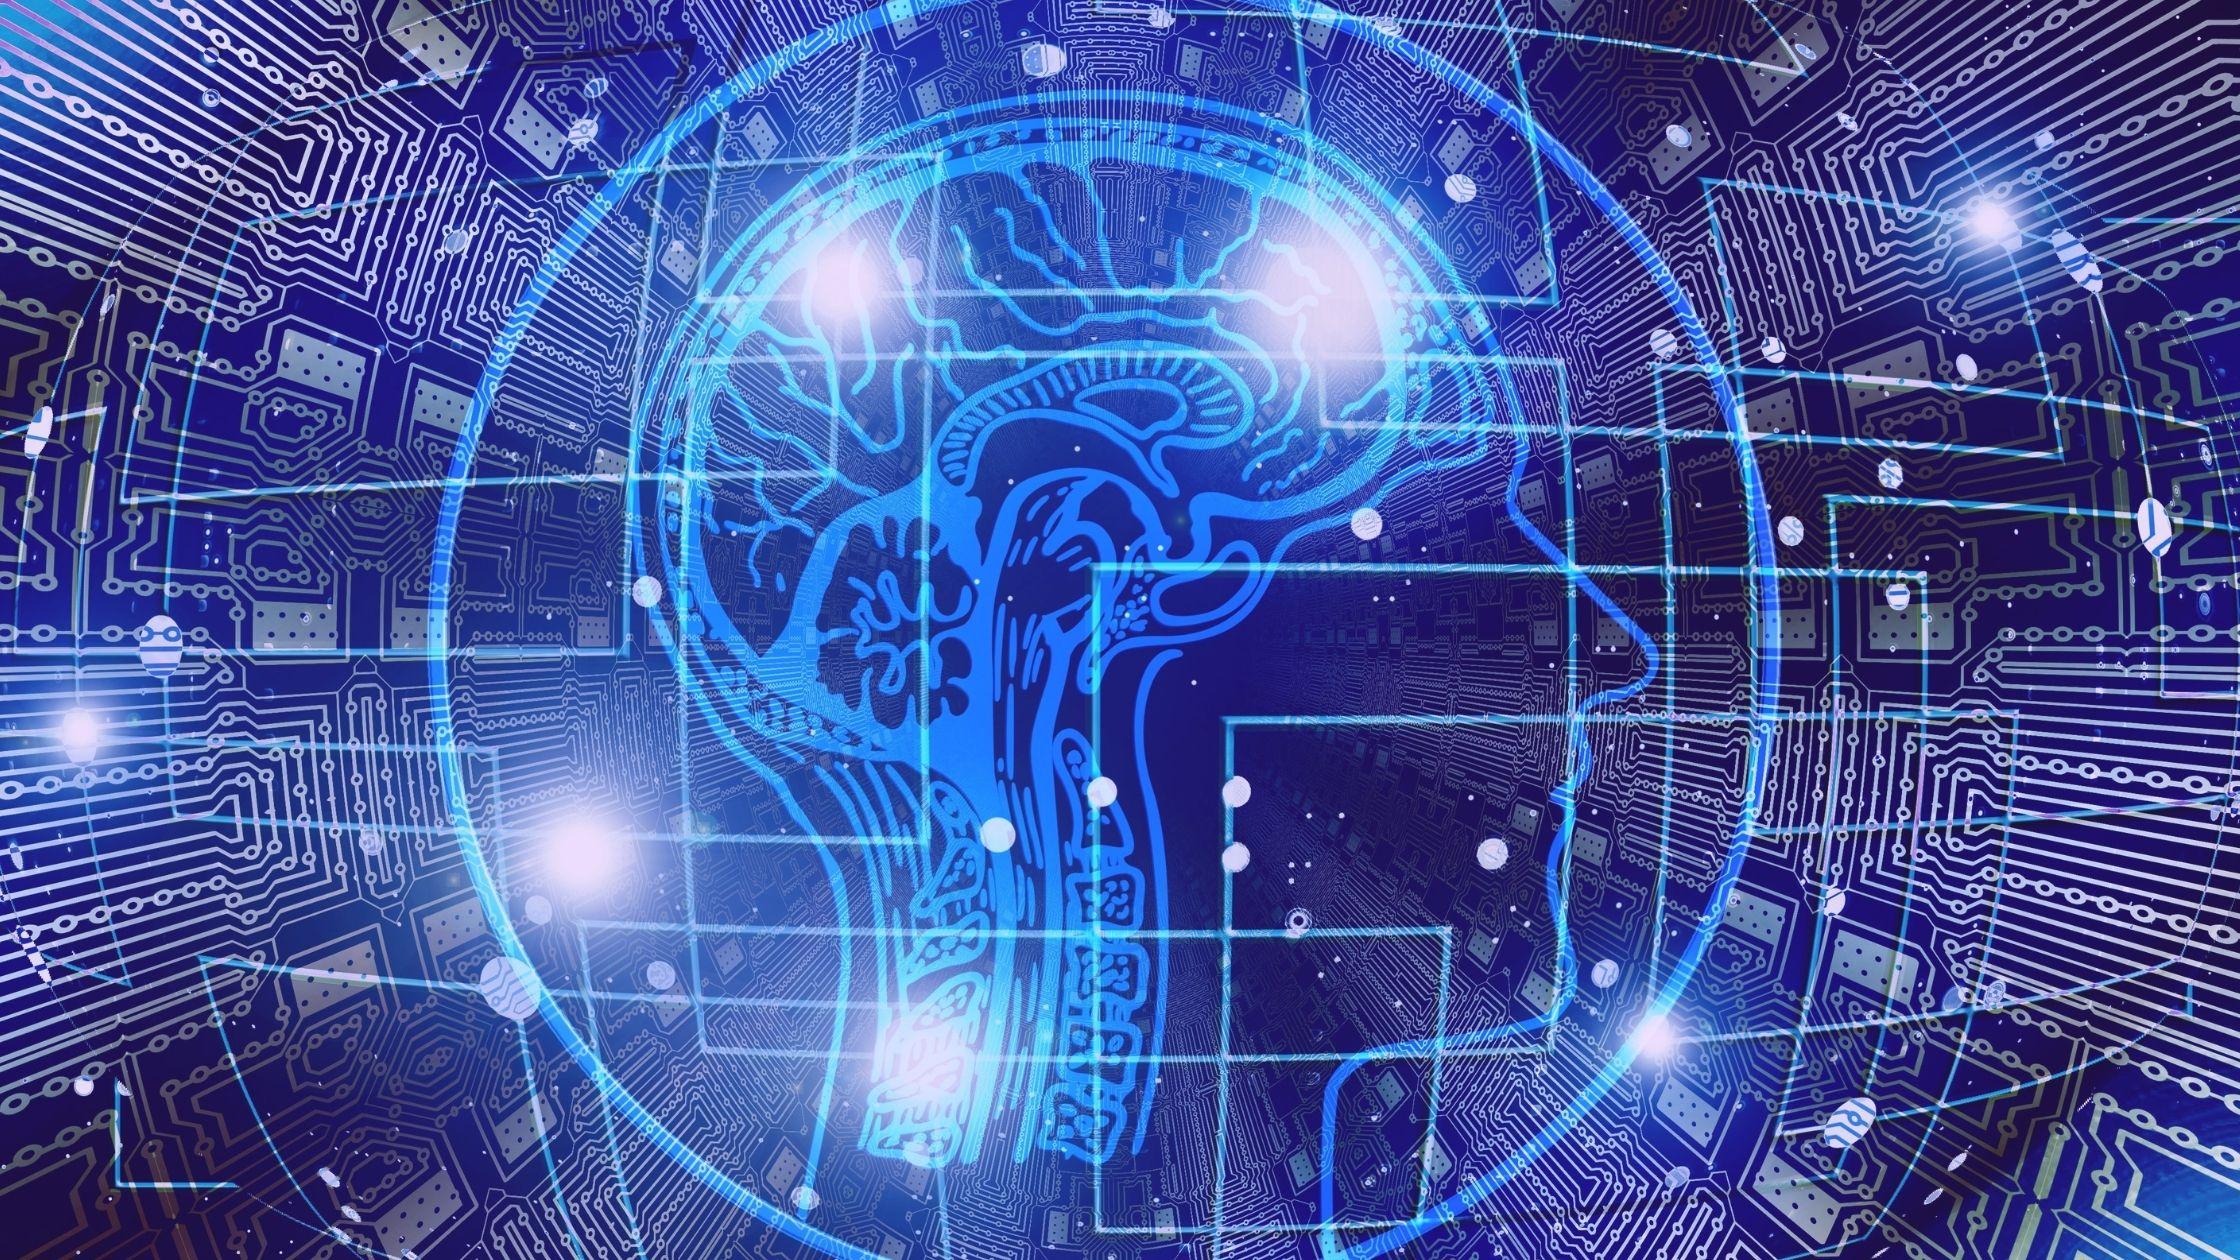 obrys głowy natle układu scalonego dotreningu pamięci